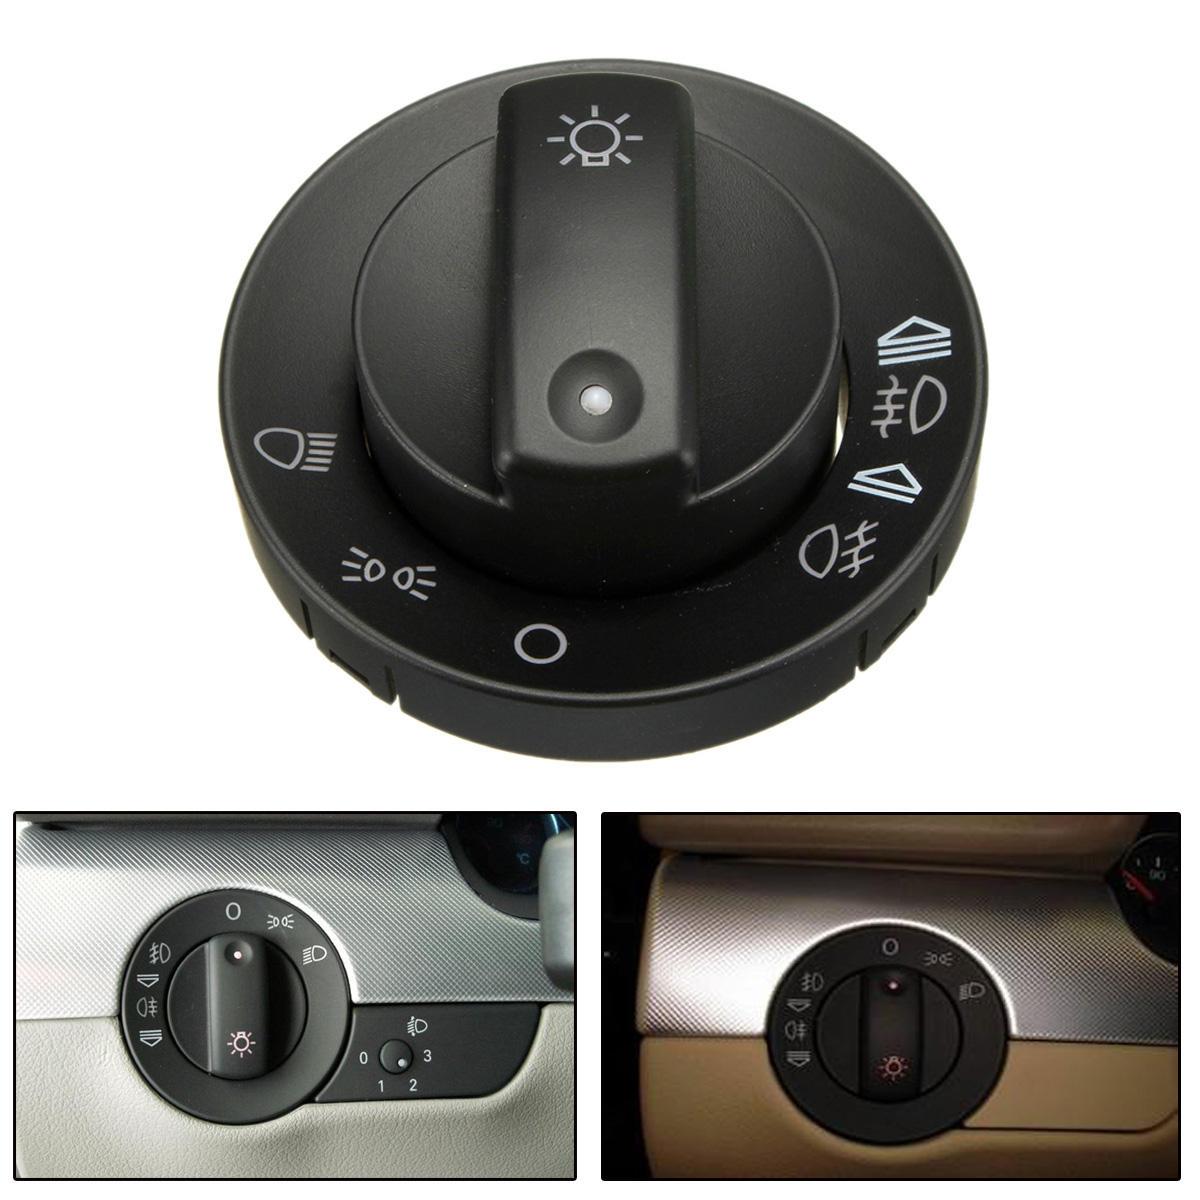 Cubierta de Kit de Reparación de Interruptor de Luz de Niebla Faros Para Audi A4 S4 8E B6 B7 2000-2007